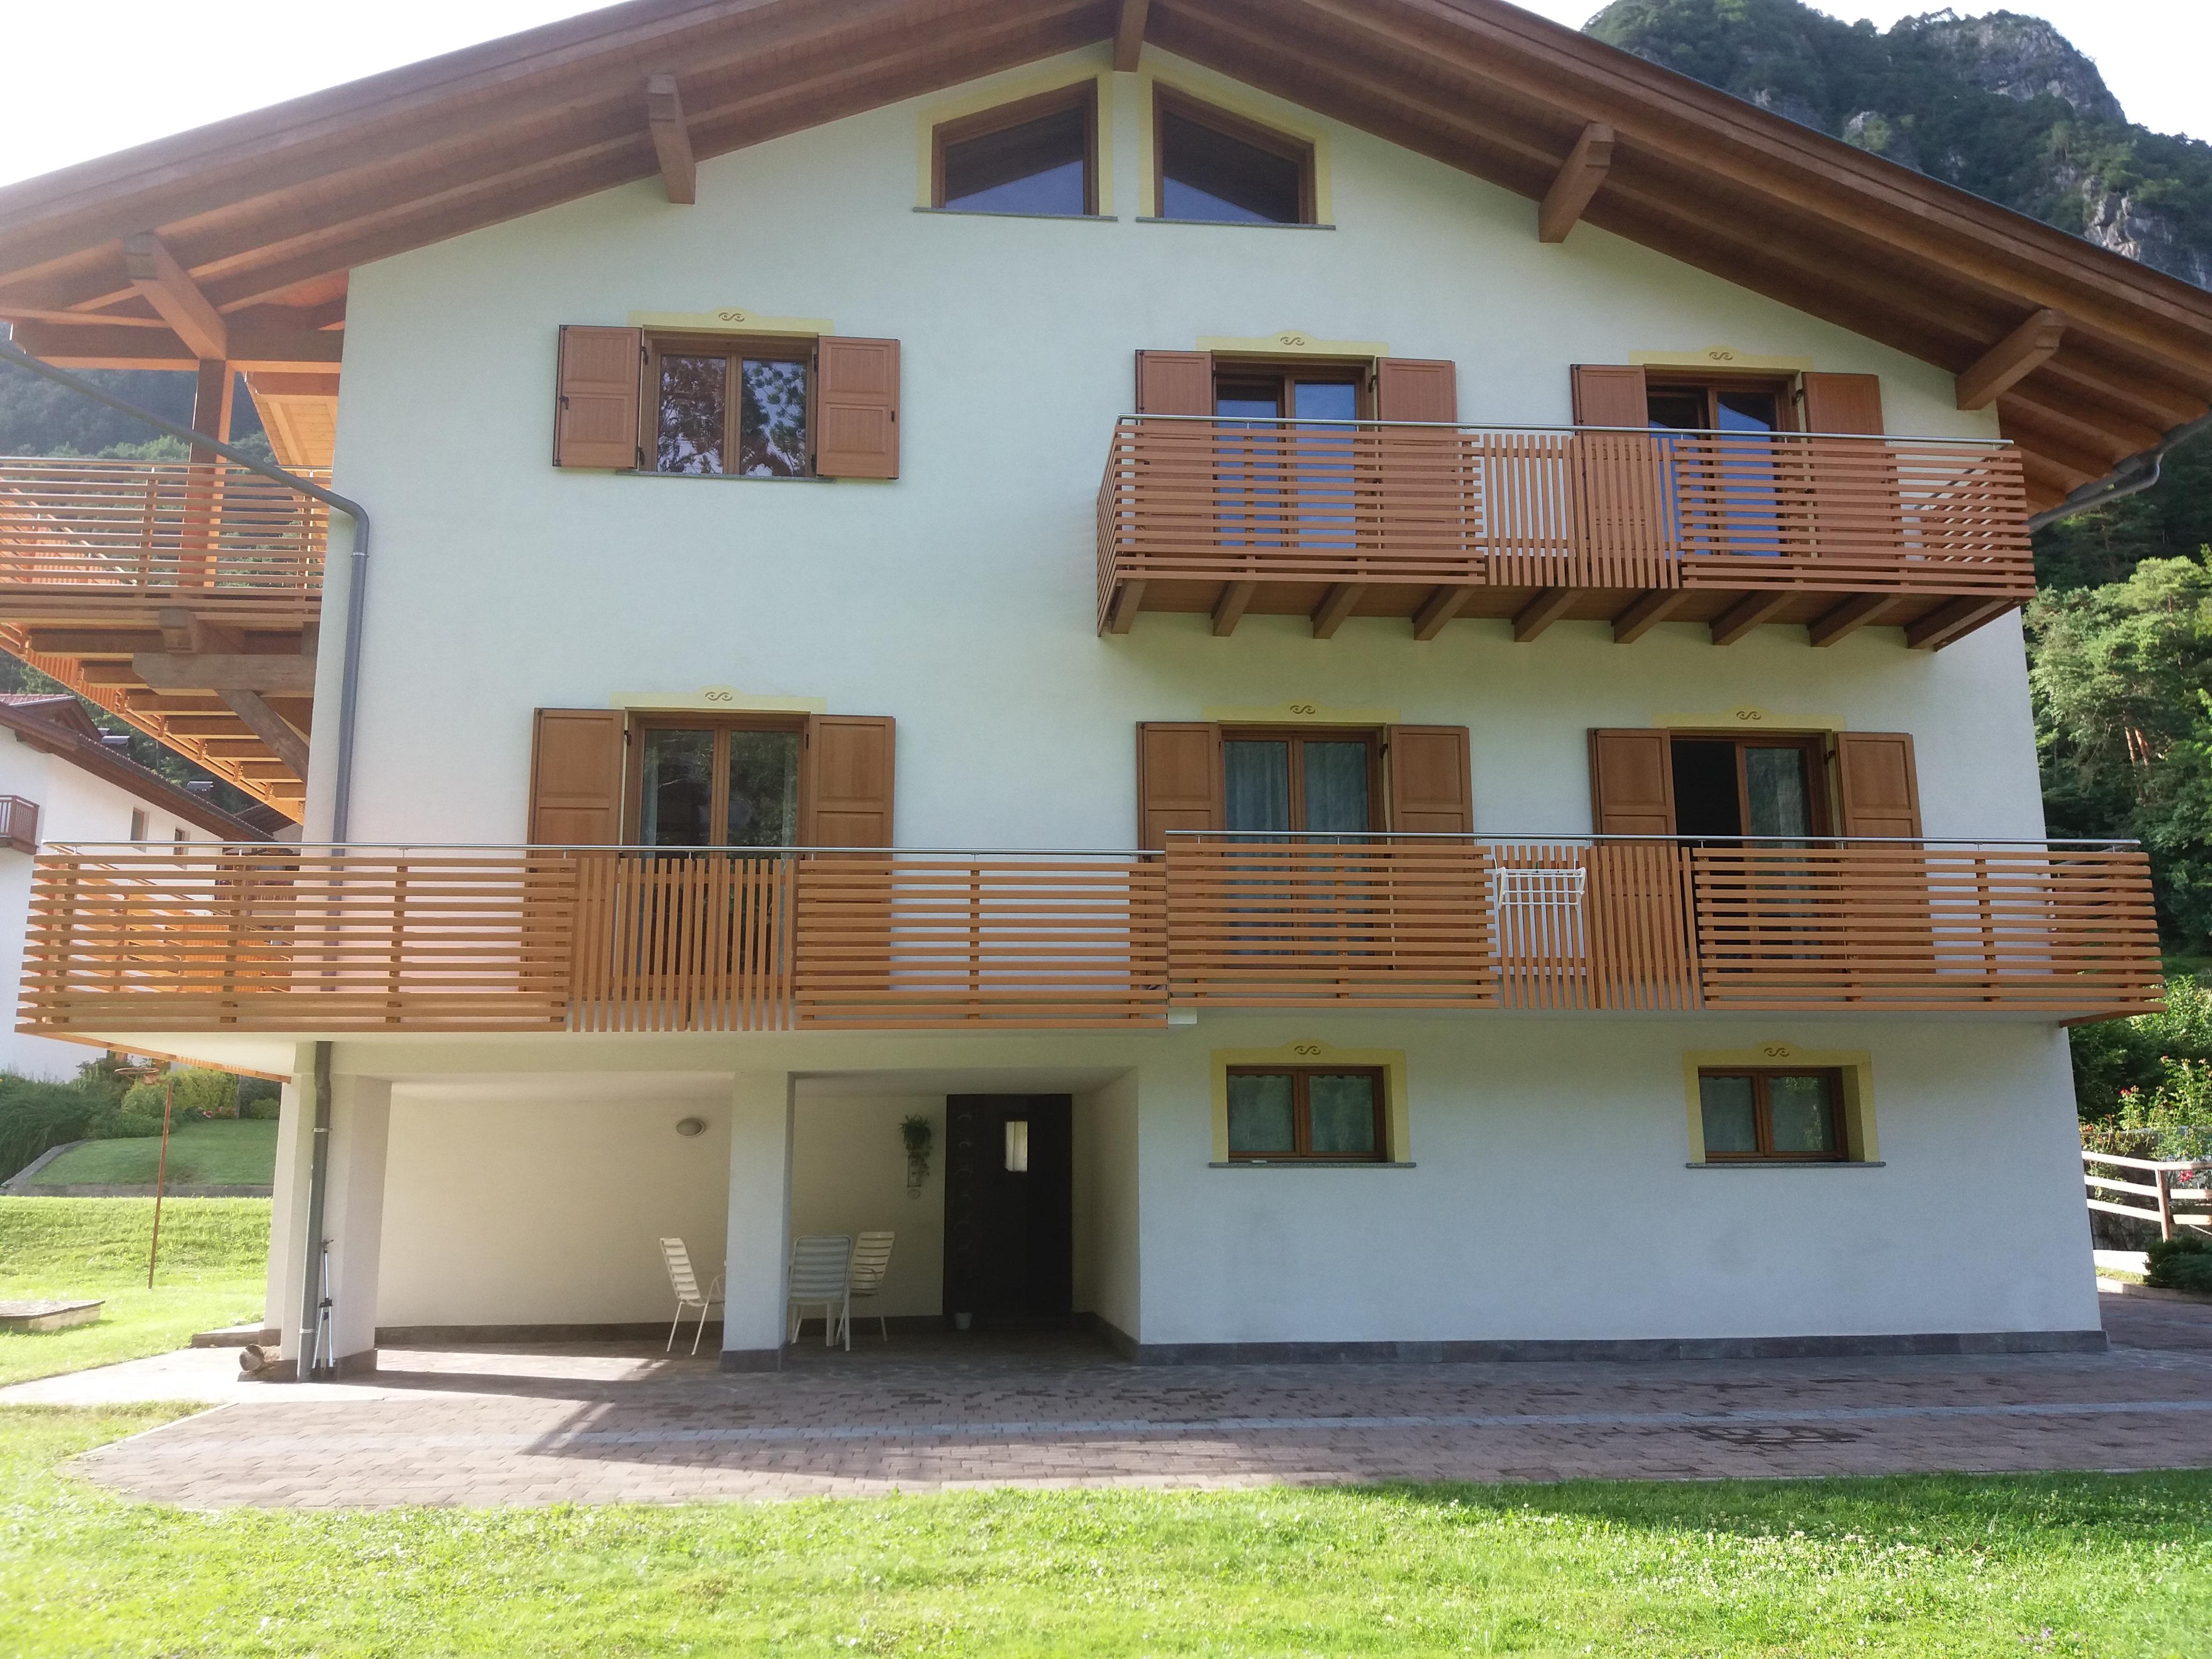 Trentino ringhiere per balconi in alluminio ad assi verticali e orizzontali dietre srl - Ringhiere in legno per esterni ...